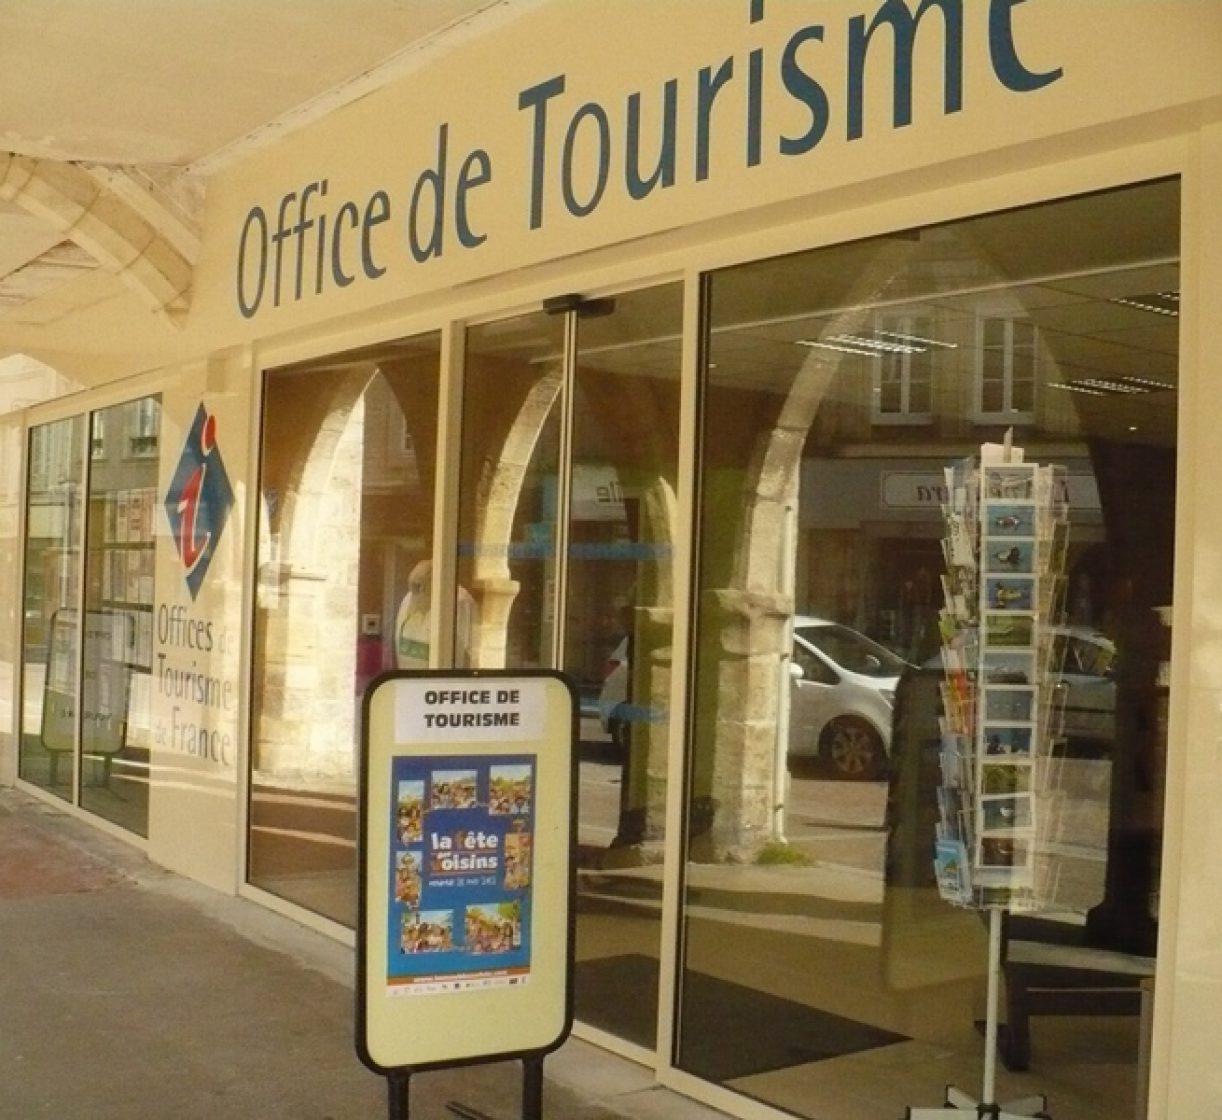 office_tourisme_accueil_information_guide_touristique_carentan_marais_baie_cotentin